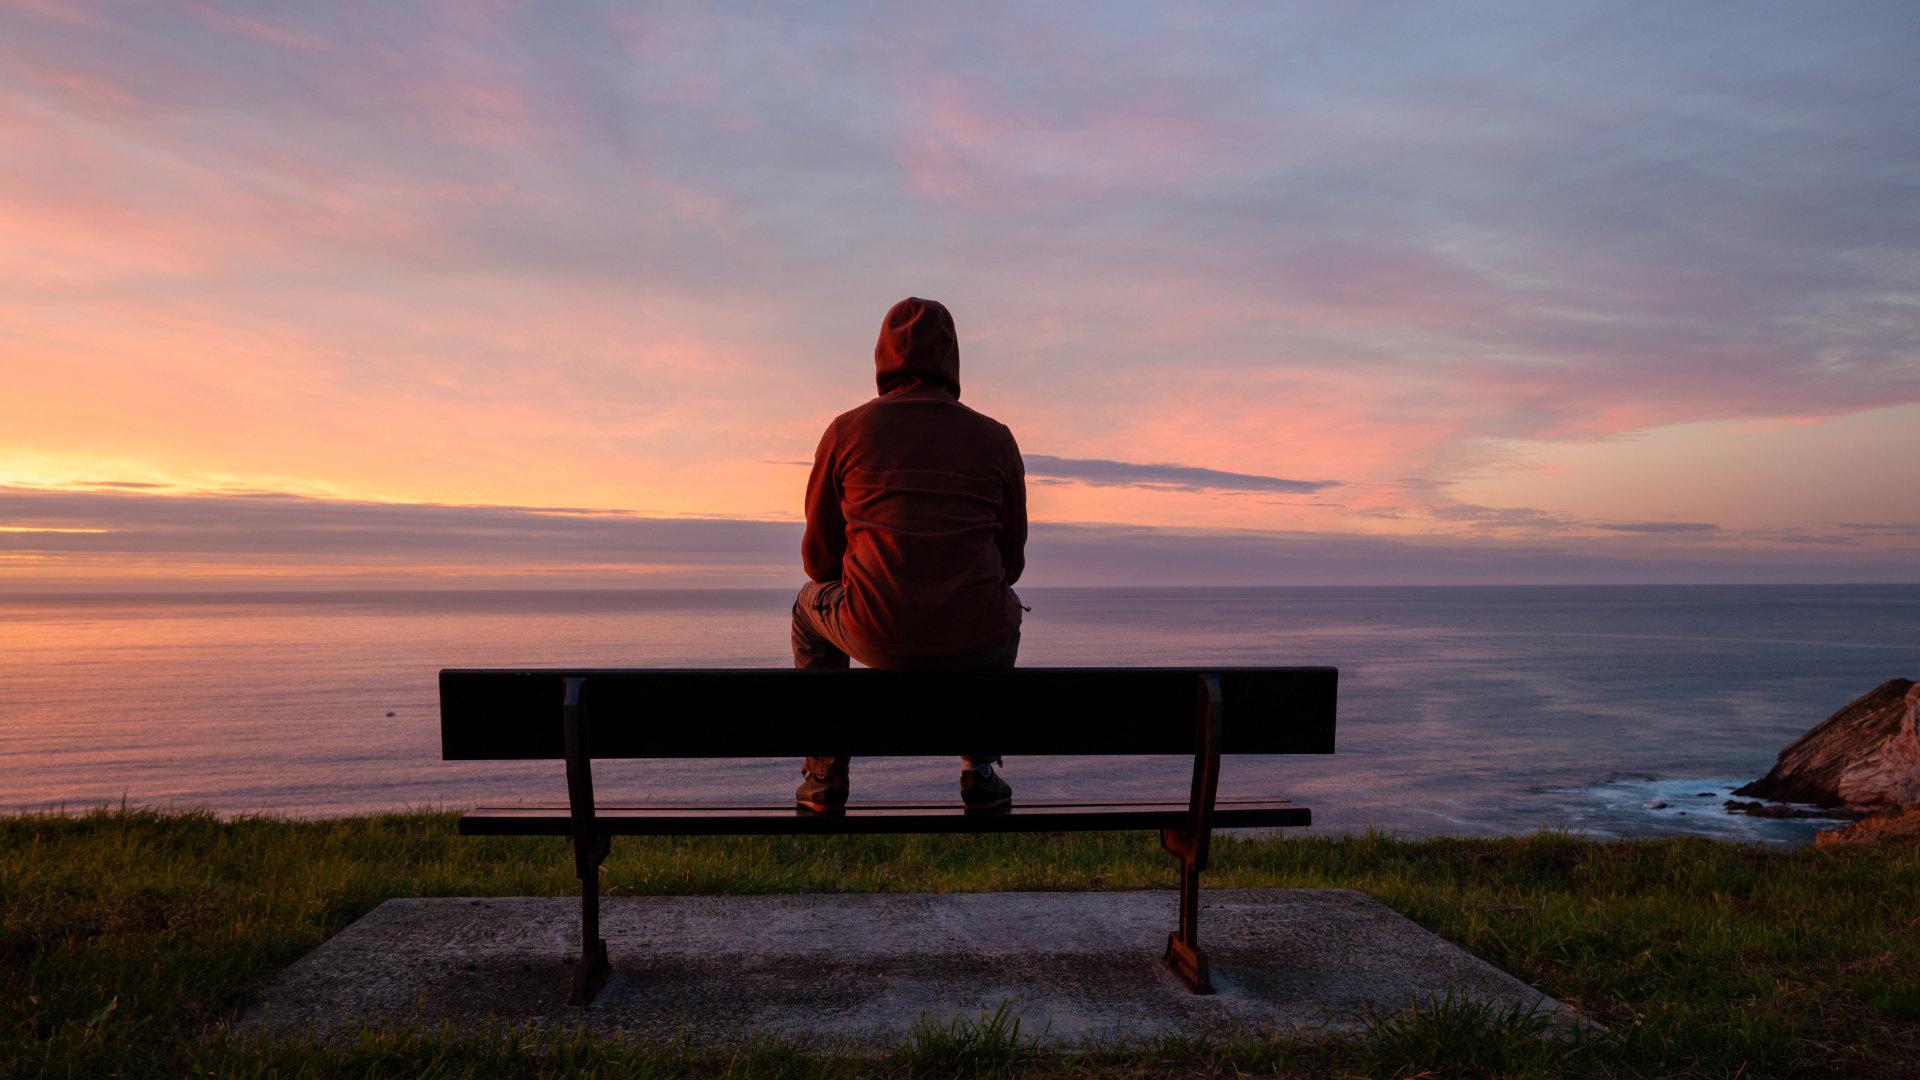 Perdre trop de temps à attendre qu'elle finisse par vous manquer